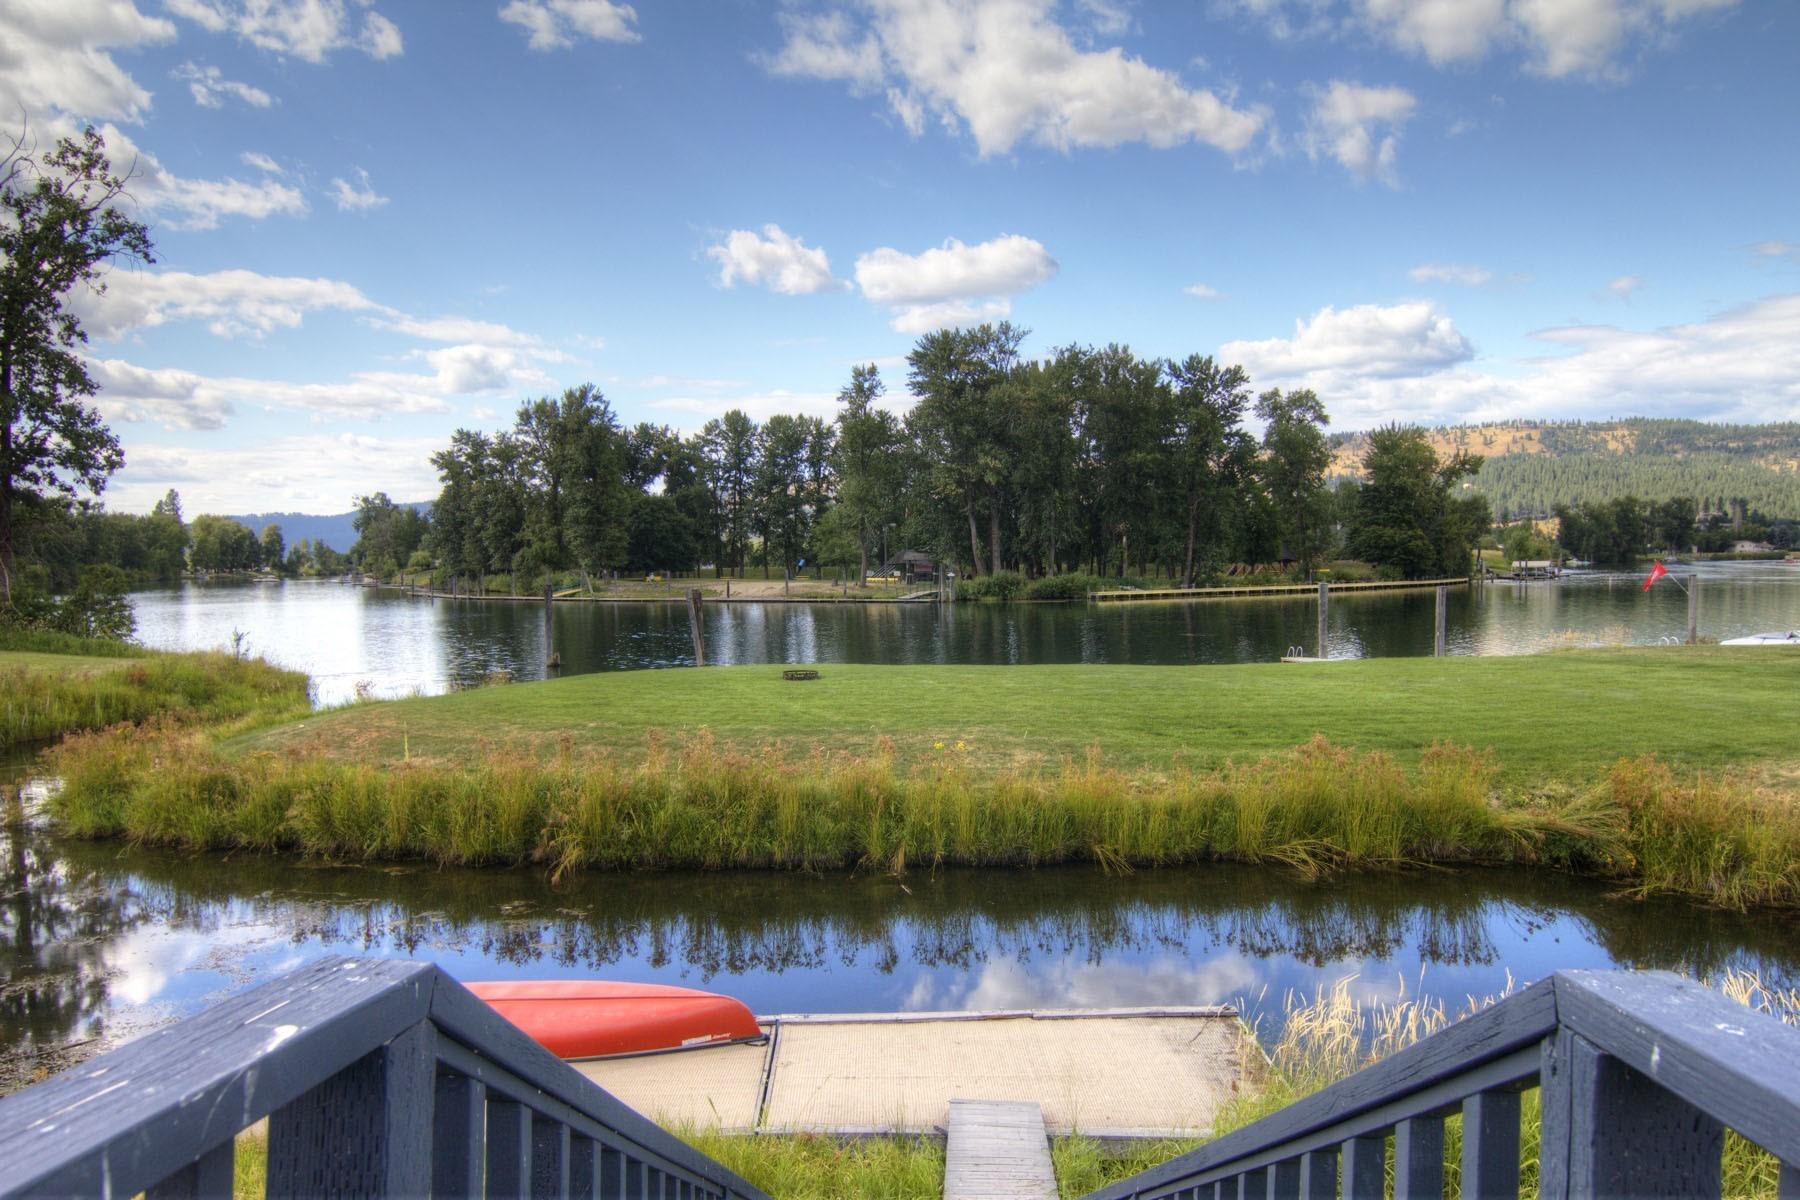 Single Family Homes für Verkauf beim Private Waterfront Inlet on Dividable Lot 306 Shepherd, St. Maries, Idaho 83861 Vereinigte Staaten